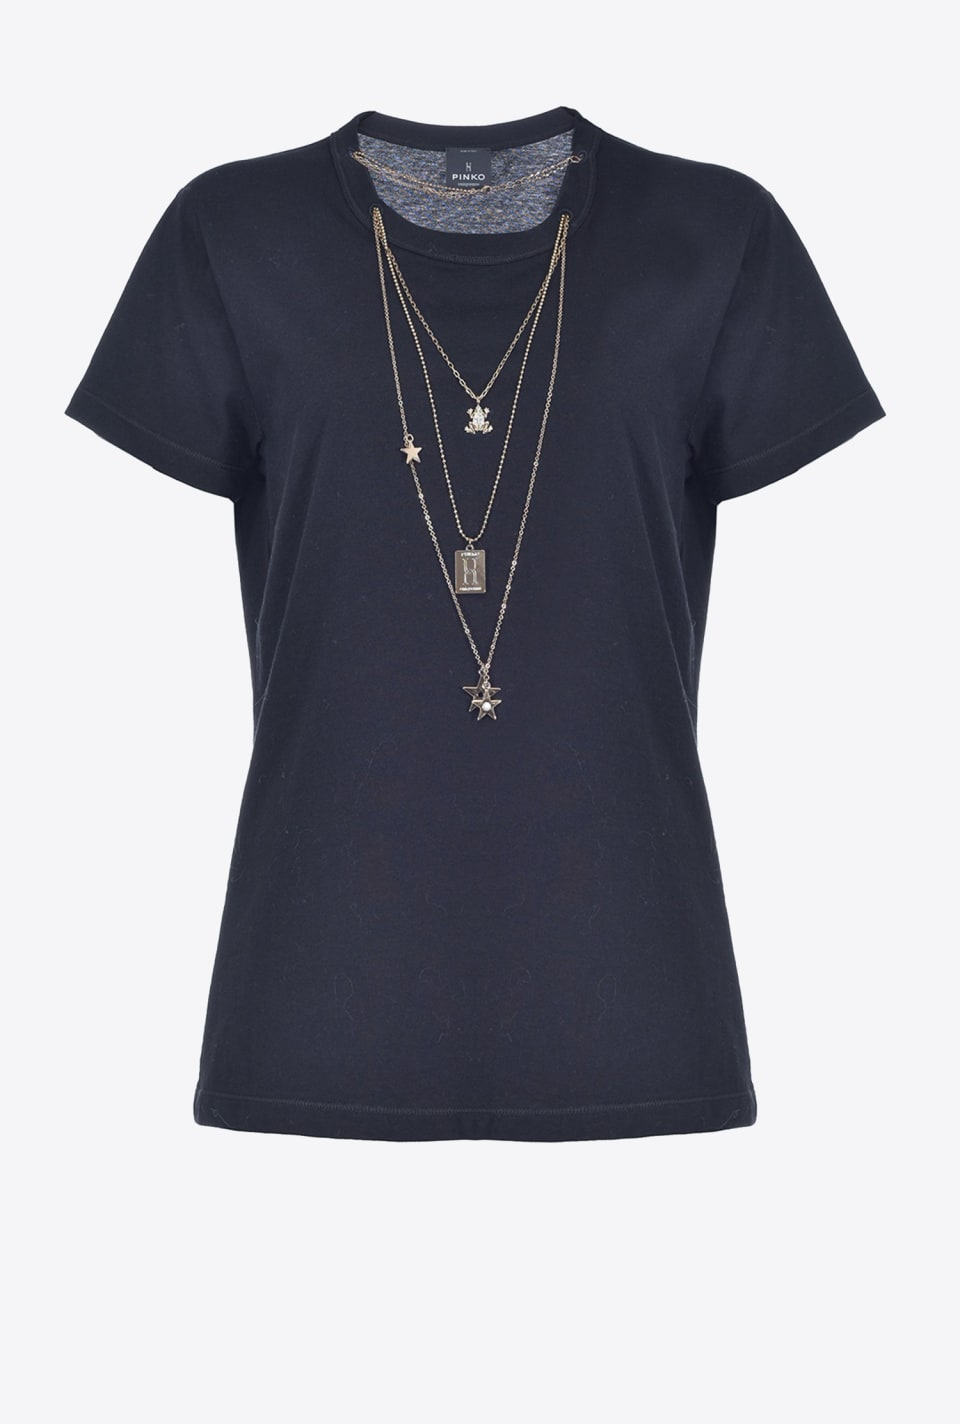 星形项链装饰T恤 - Pinko